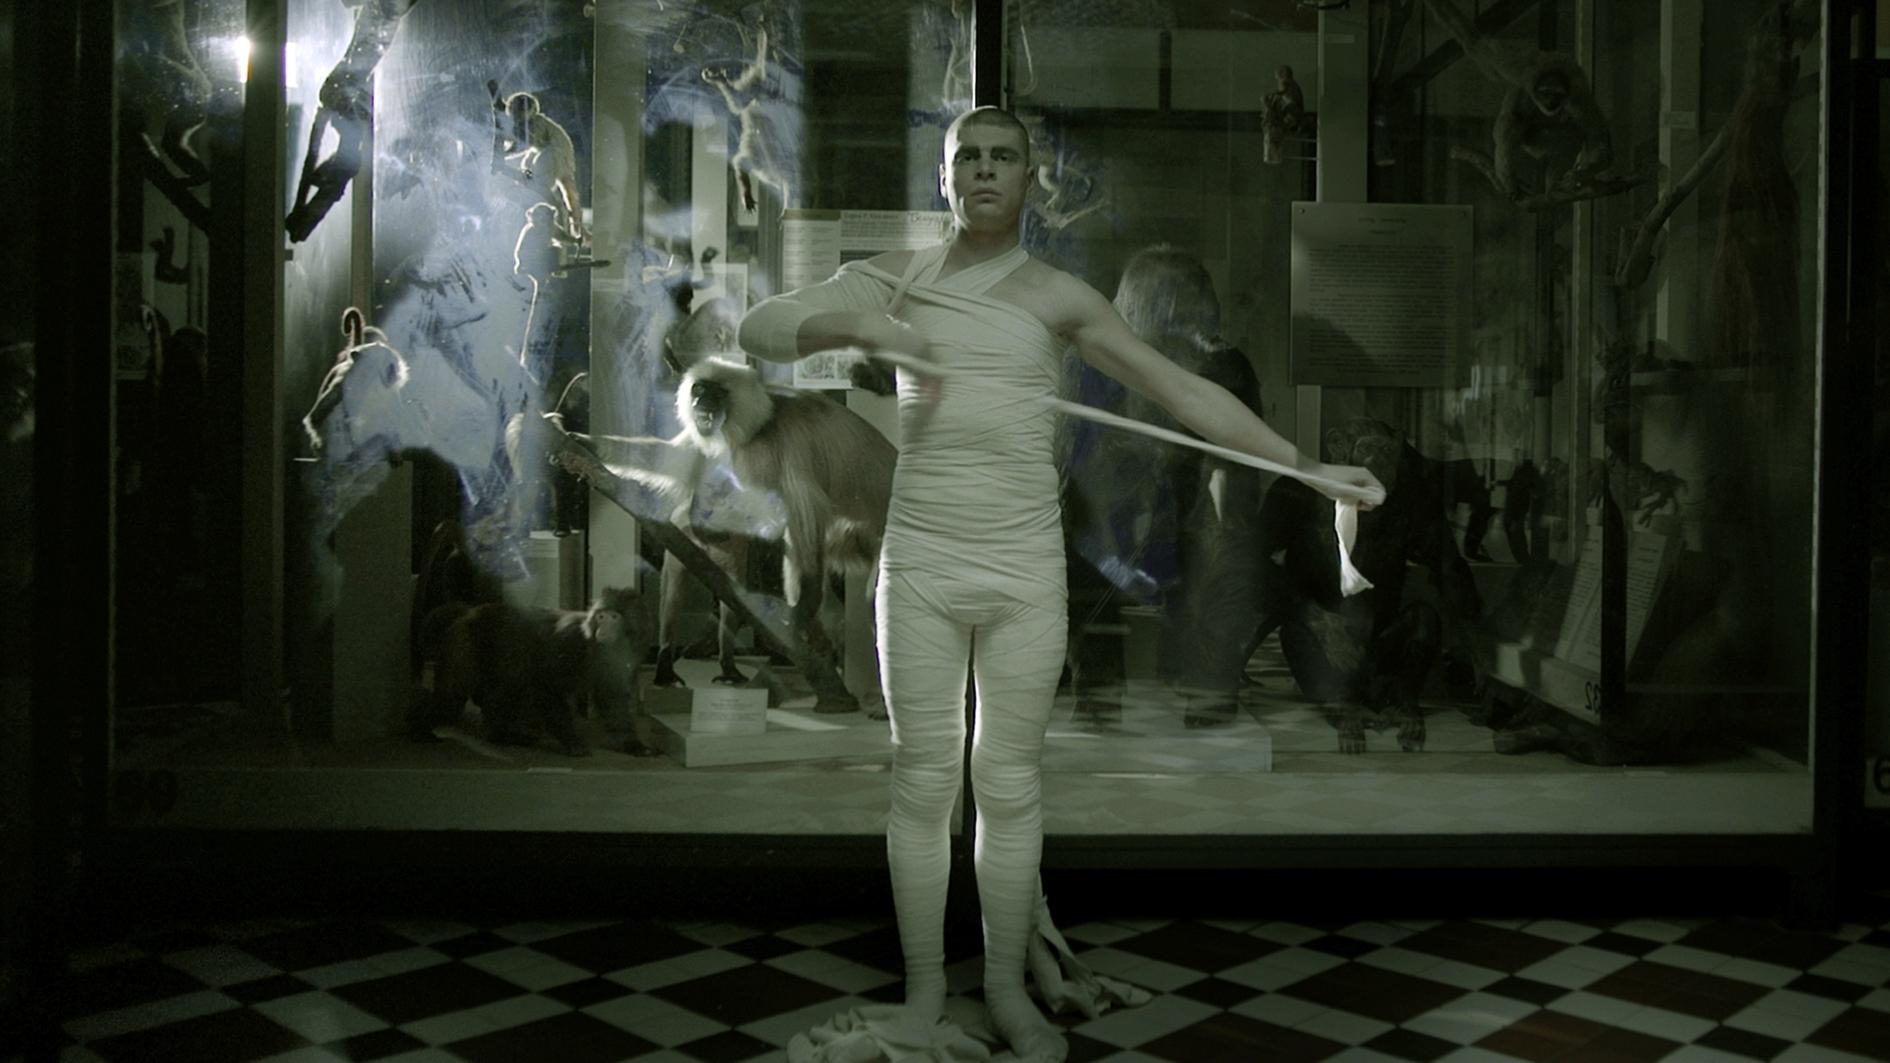 안톤 비도클, , 2017 | 사진제공 국립현대미술관